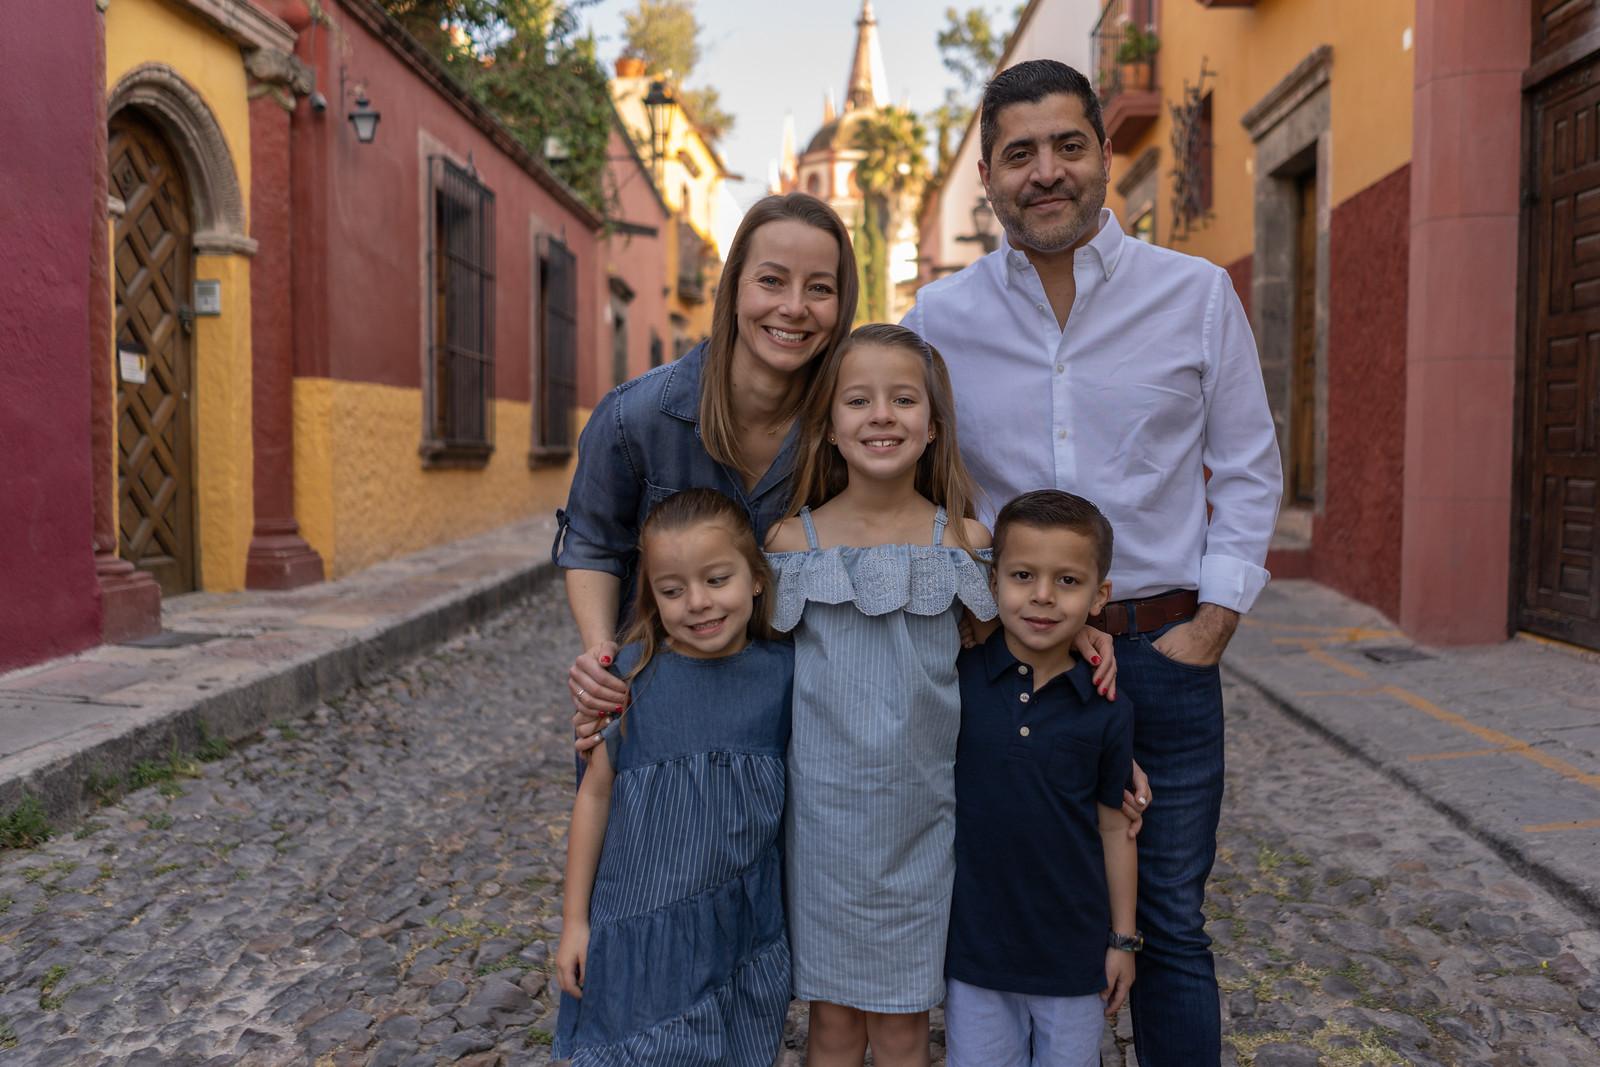 Sesion de Fotos Familiar en San Miguel de Allende con Jimena y su Familia-10.jpg